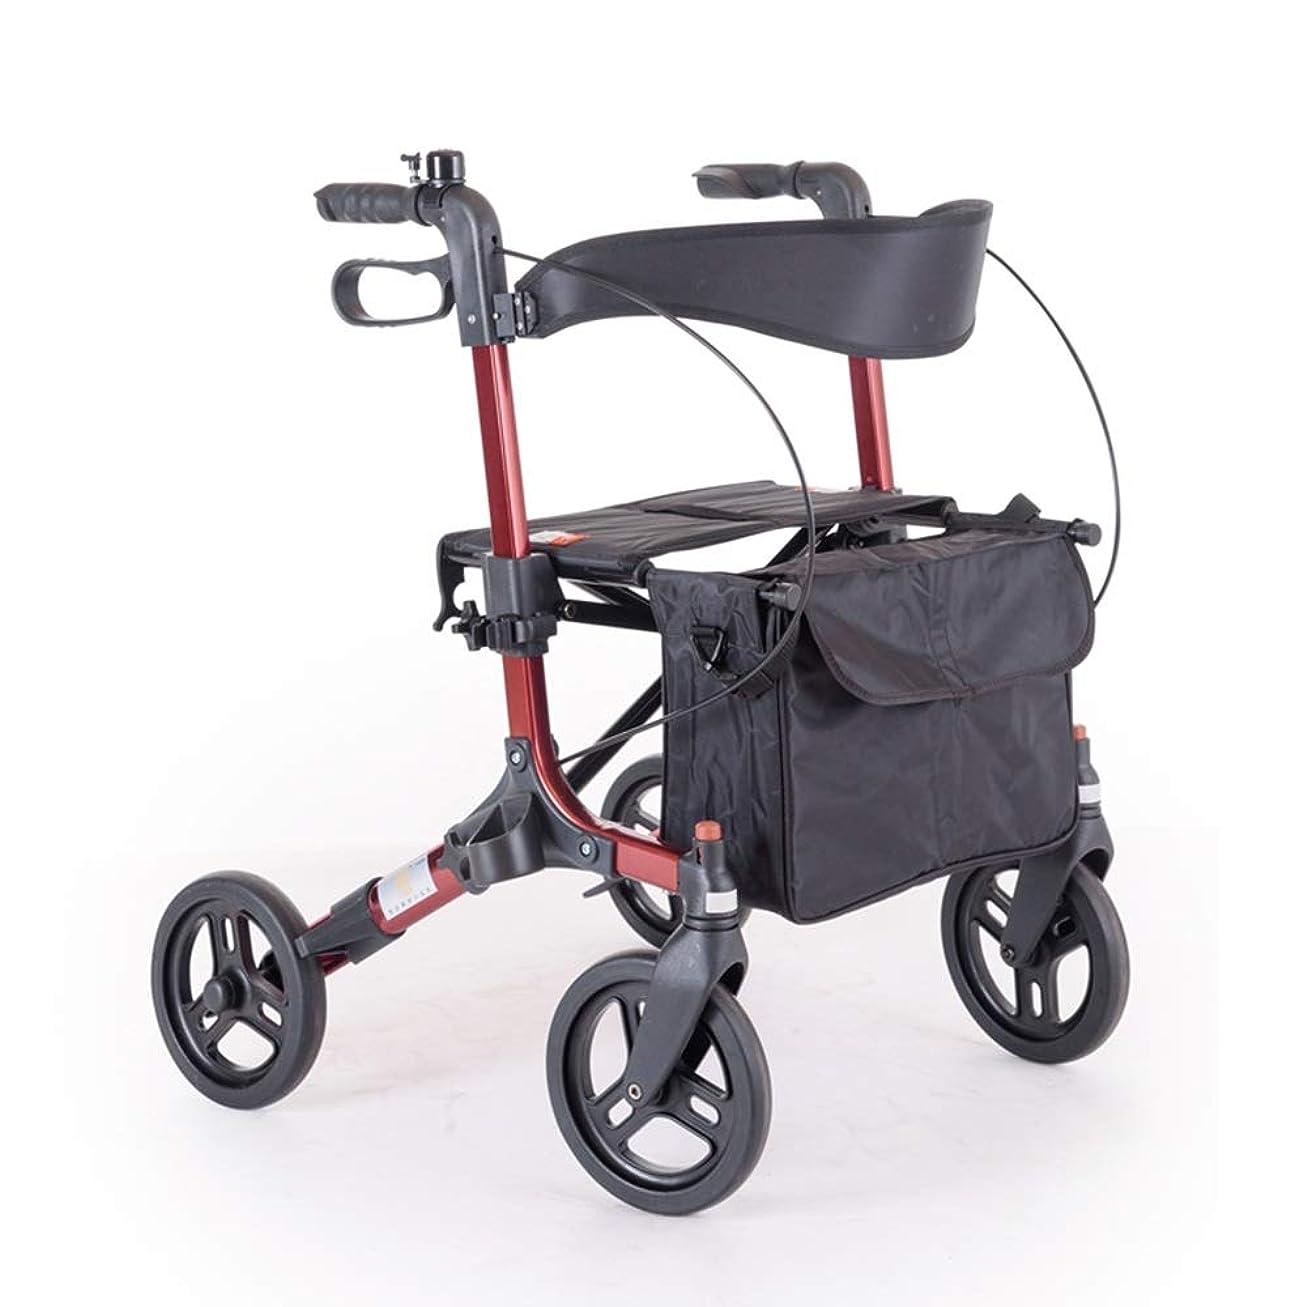 固める有罪側面折り畳み式の軽量コンパクトな歩行器、シートとバッグ付き